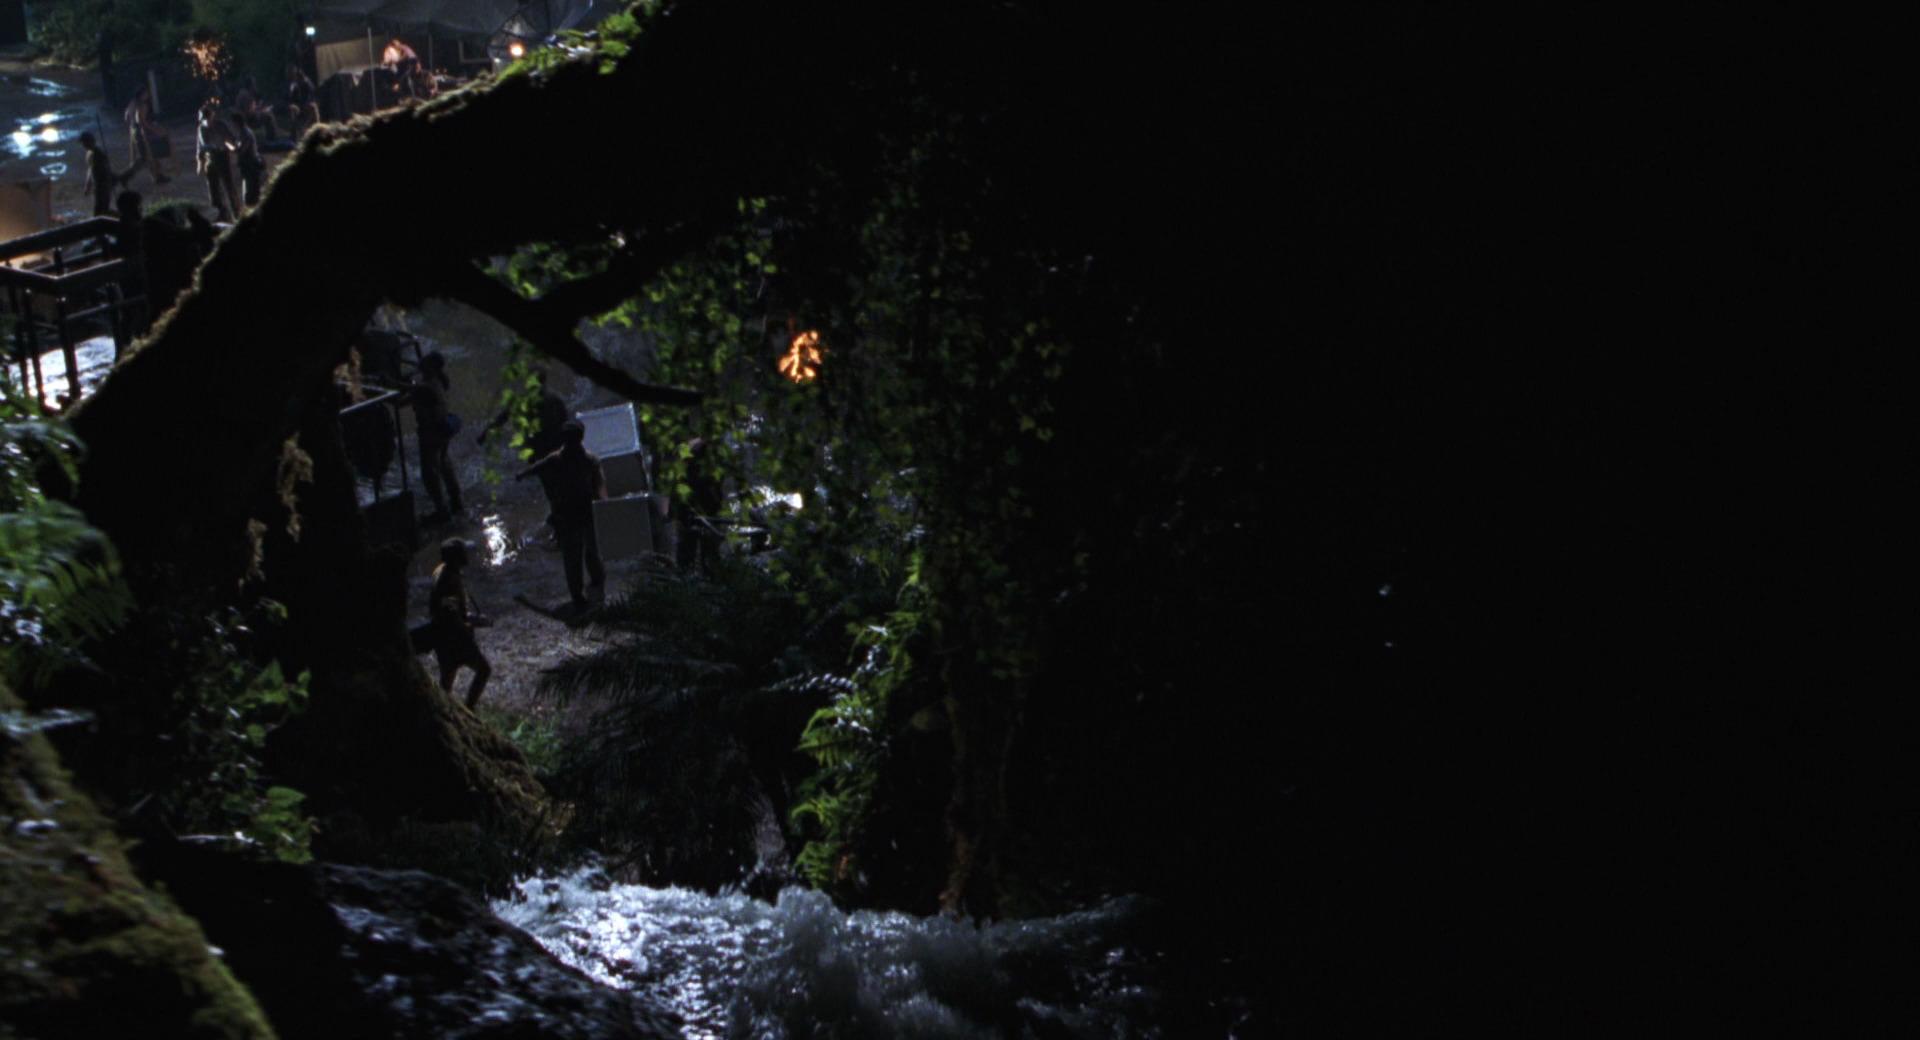 The Lost World Jurassic Park Screencaps are here Jurassic-lost-world-movie-screencaps.com-4932